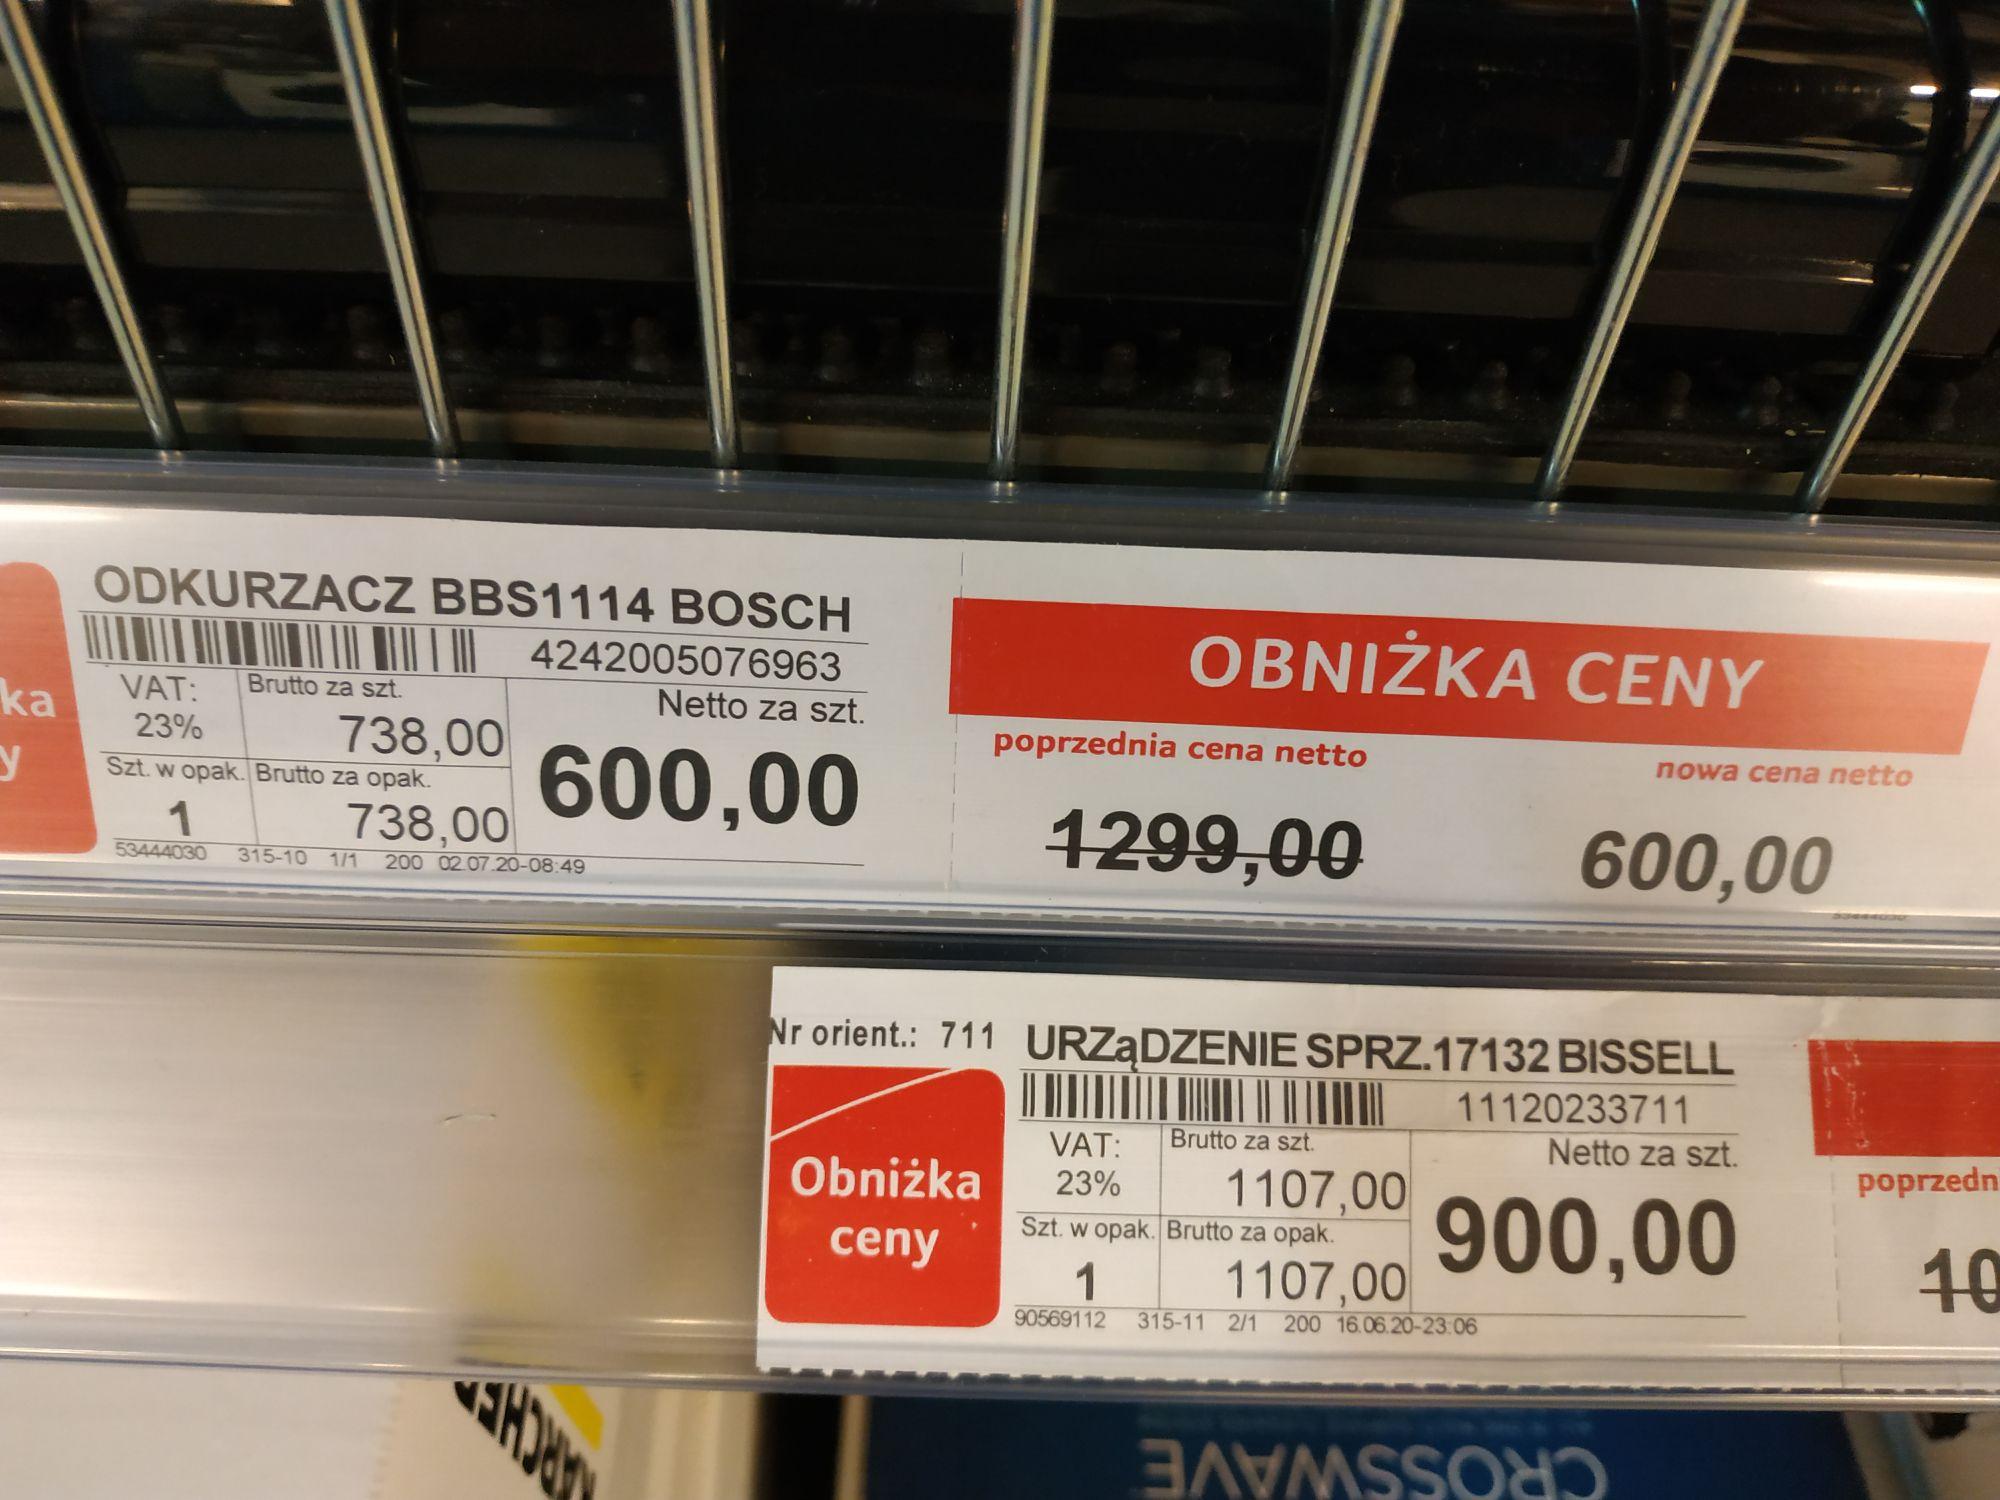 Selgros Kraków Odkurzacz akumulatorowy BOSCH BBS1114